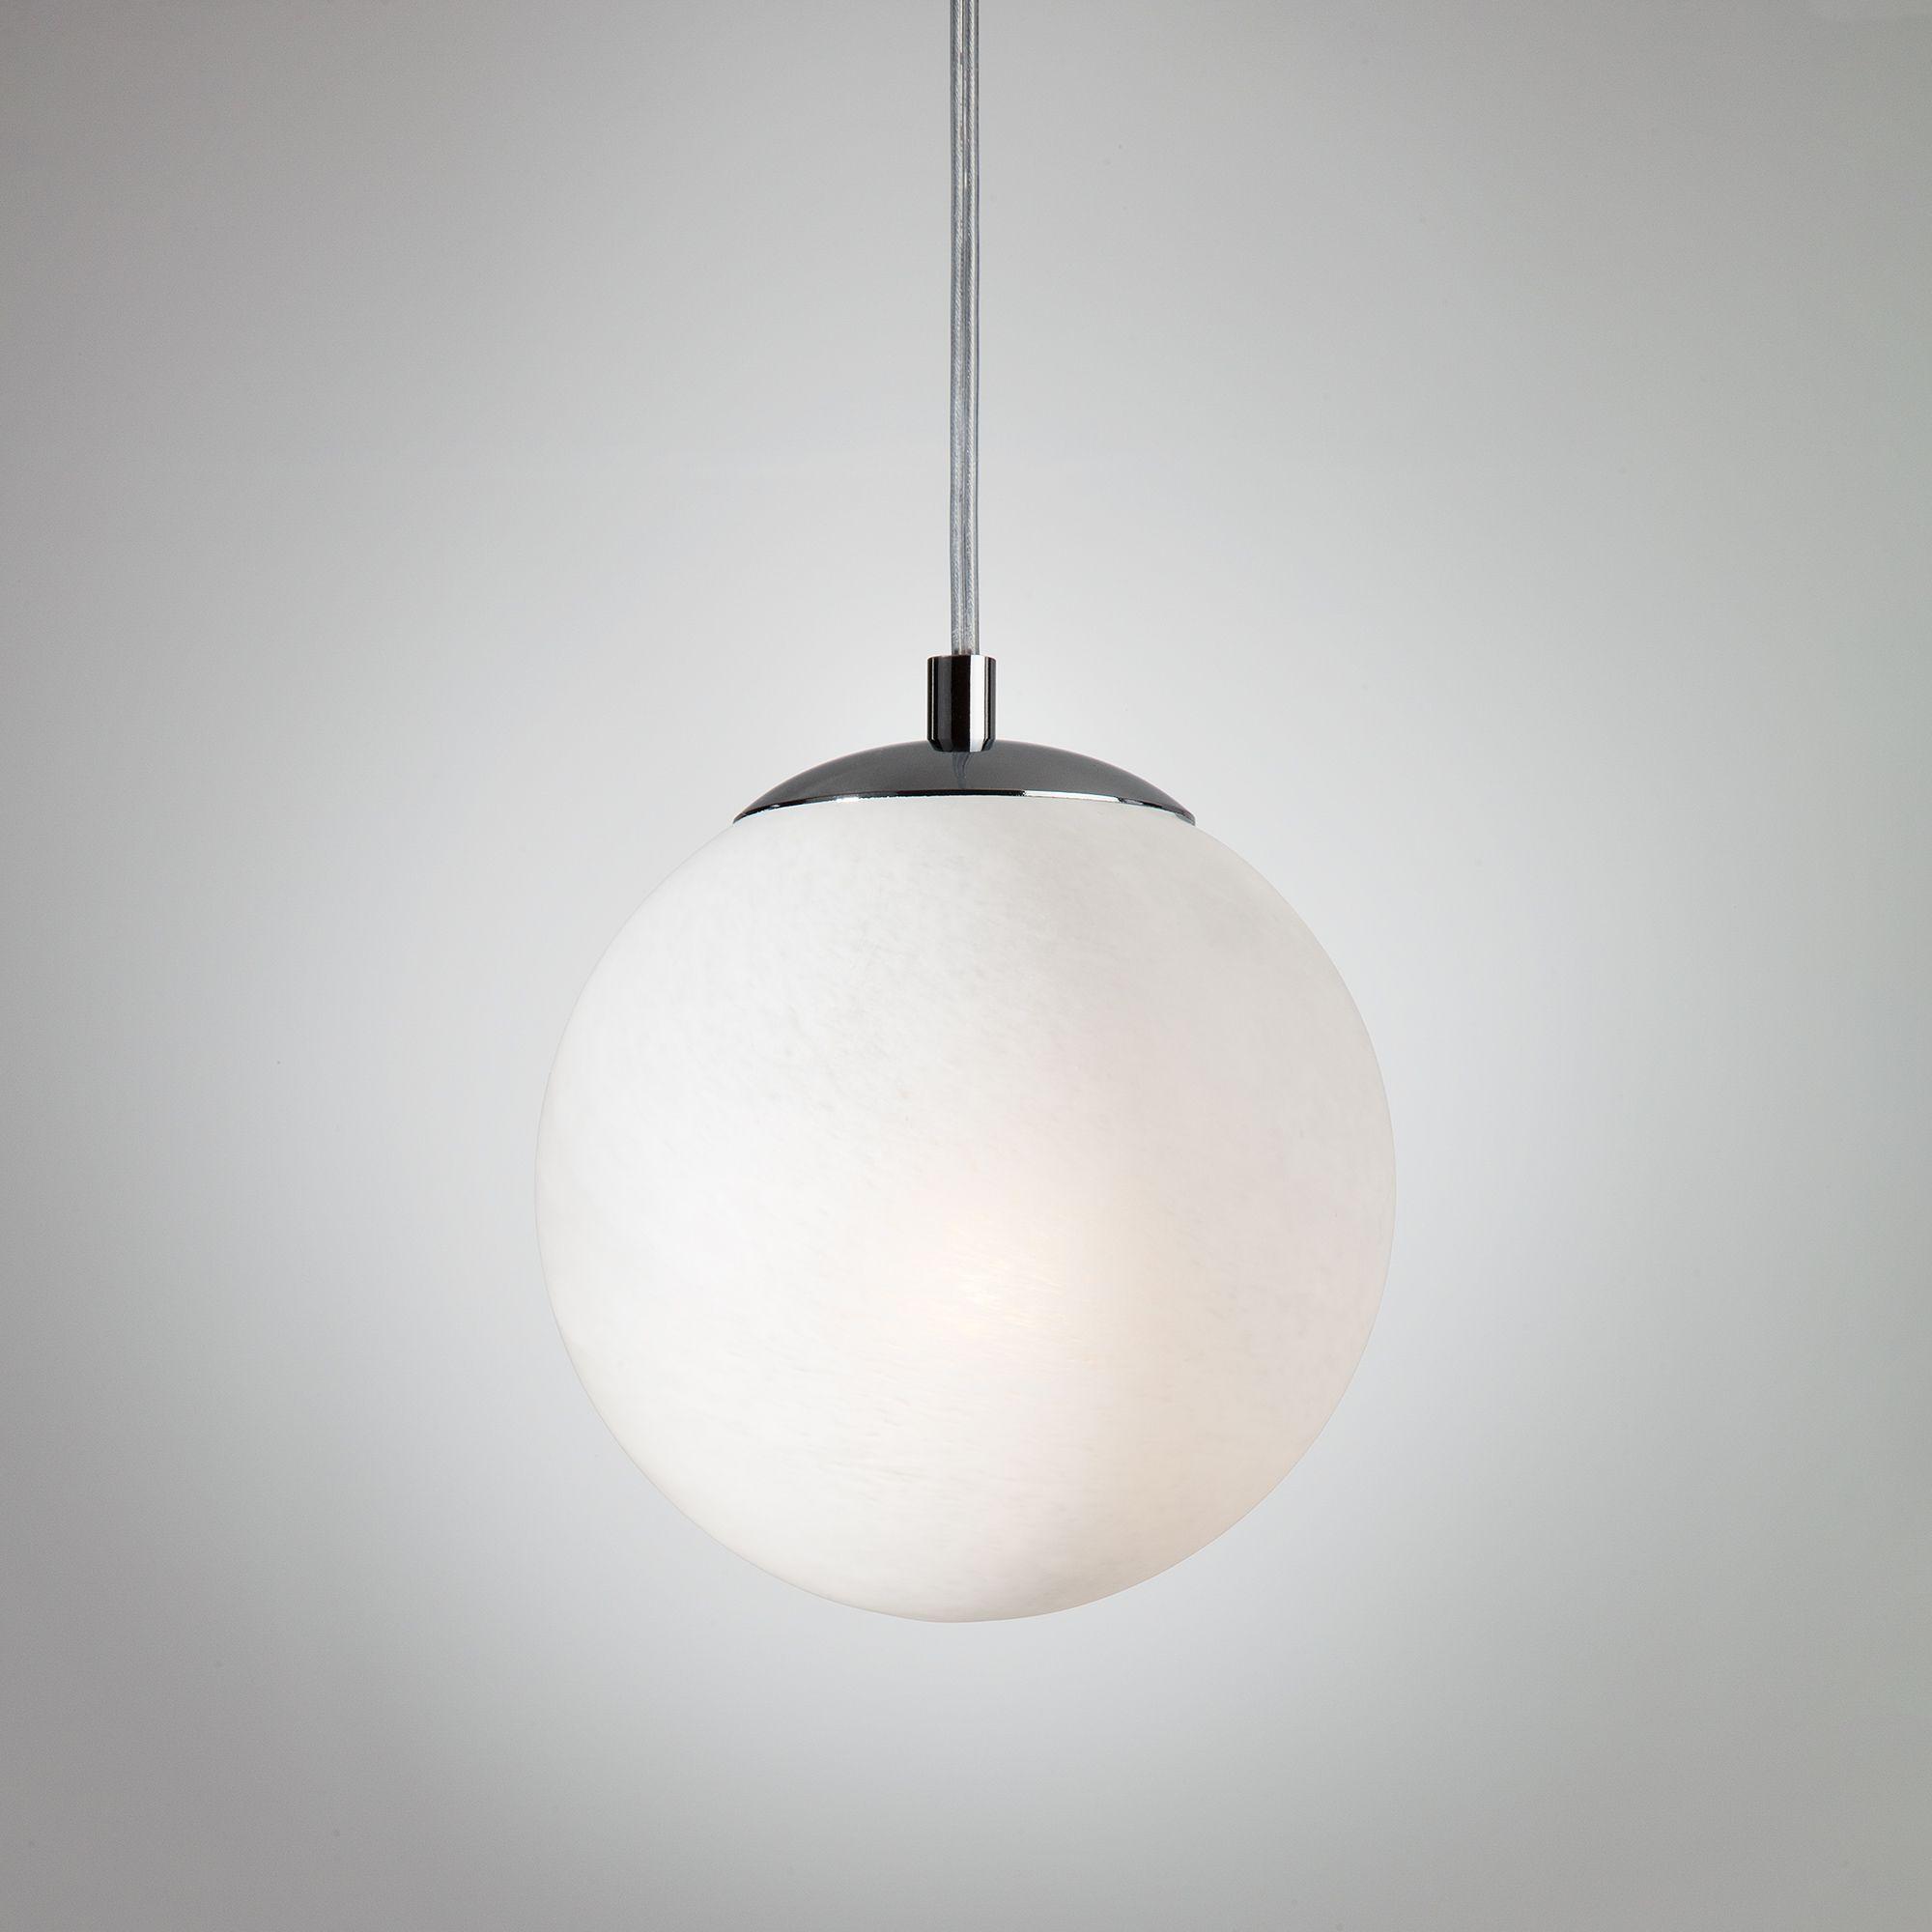 Светильник лофт с круглым плафоном 70069/1 хром/черный